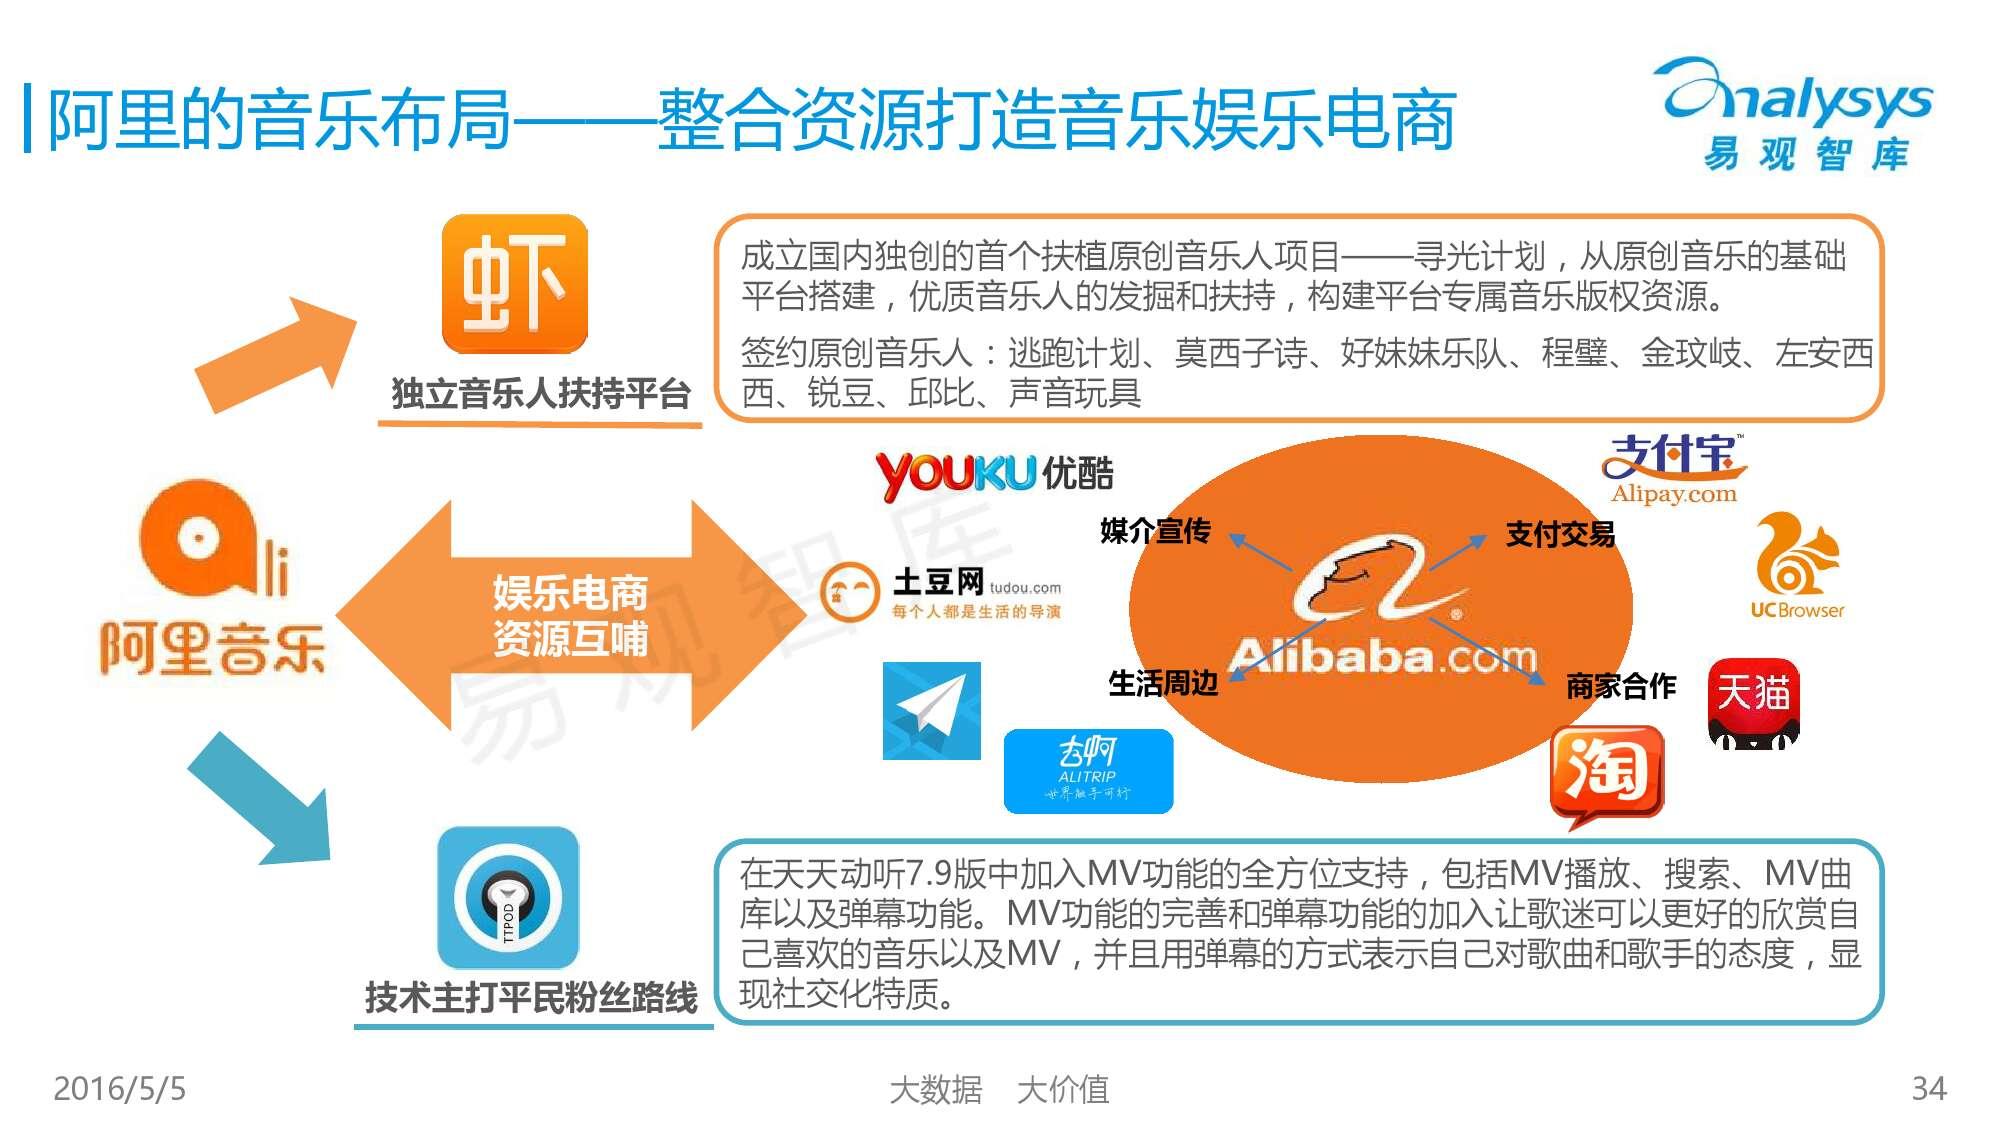 2016中国移动音乐市场年度综合报告_000034